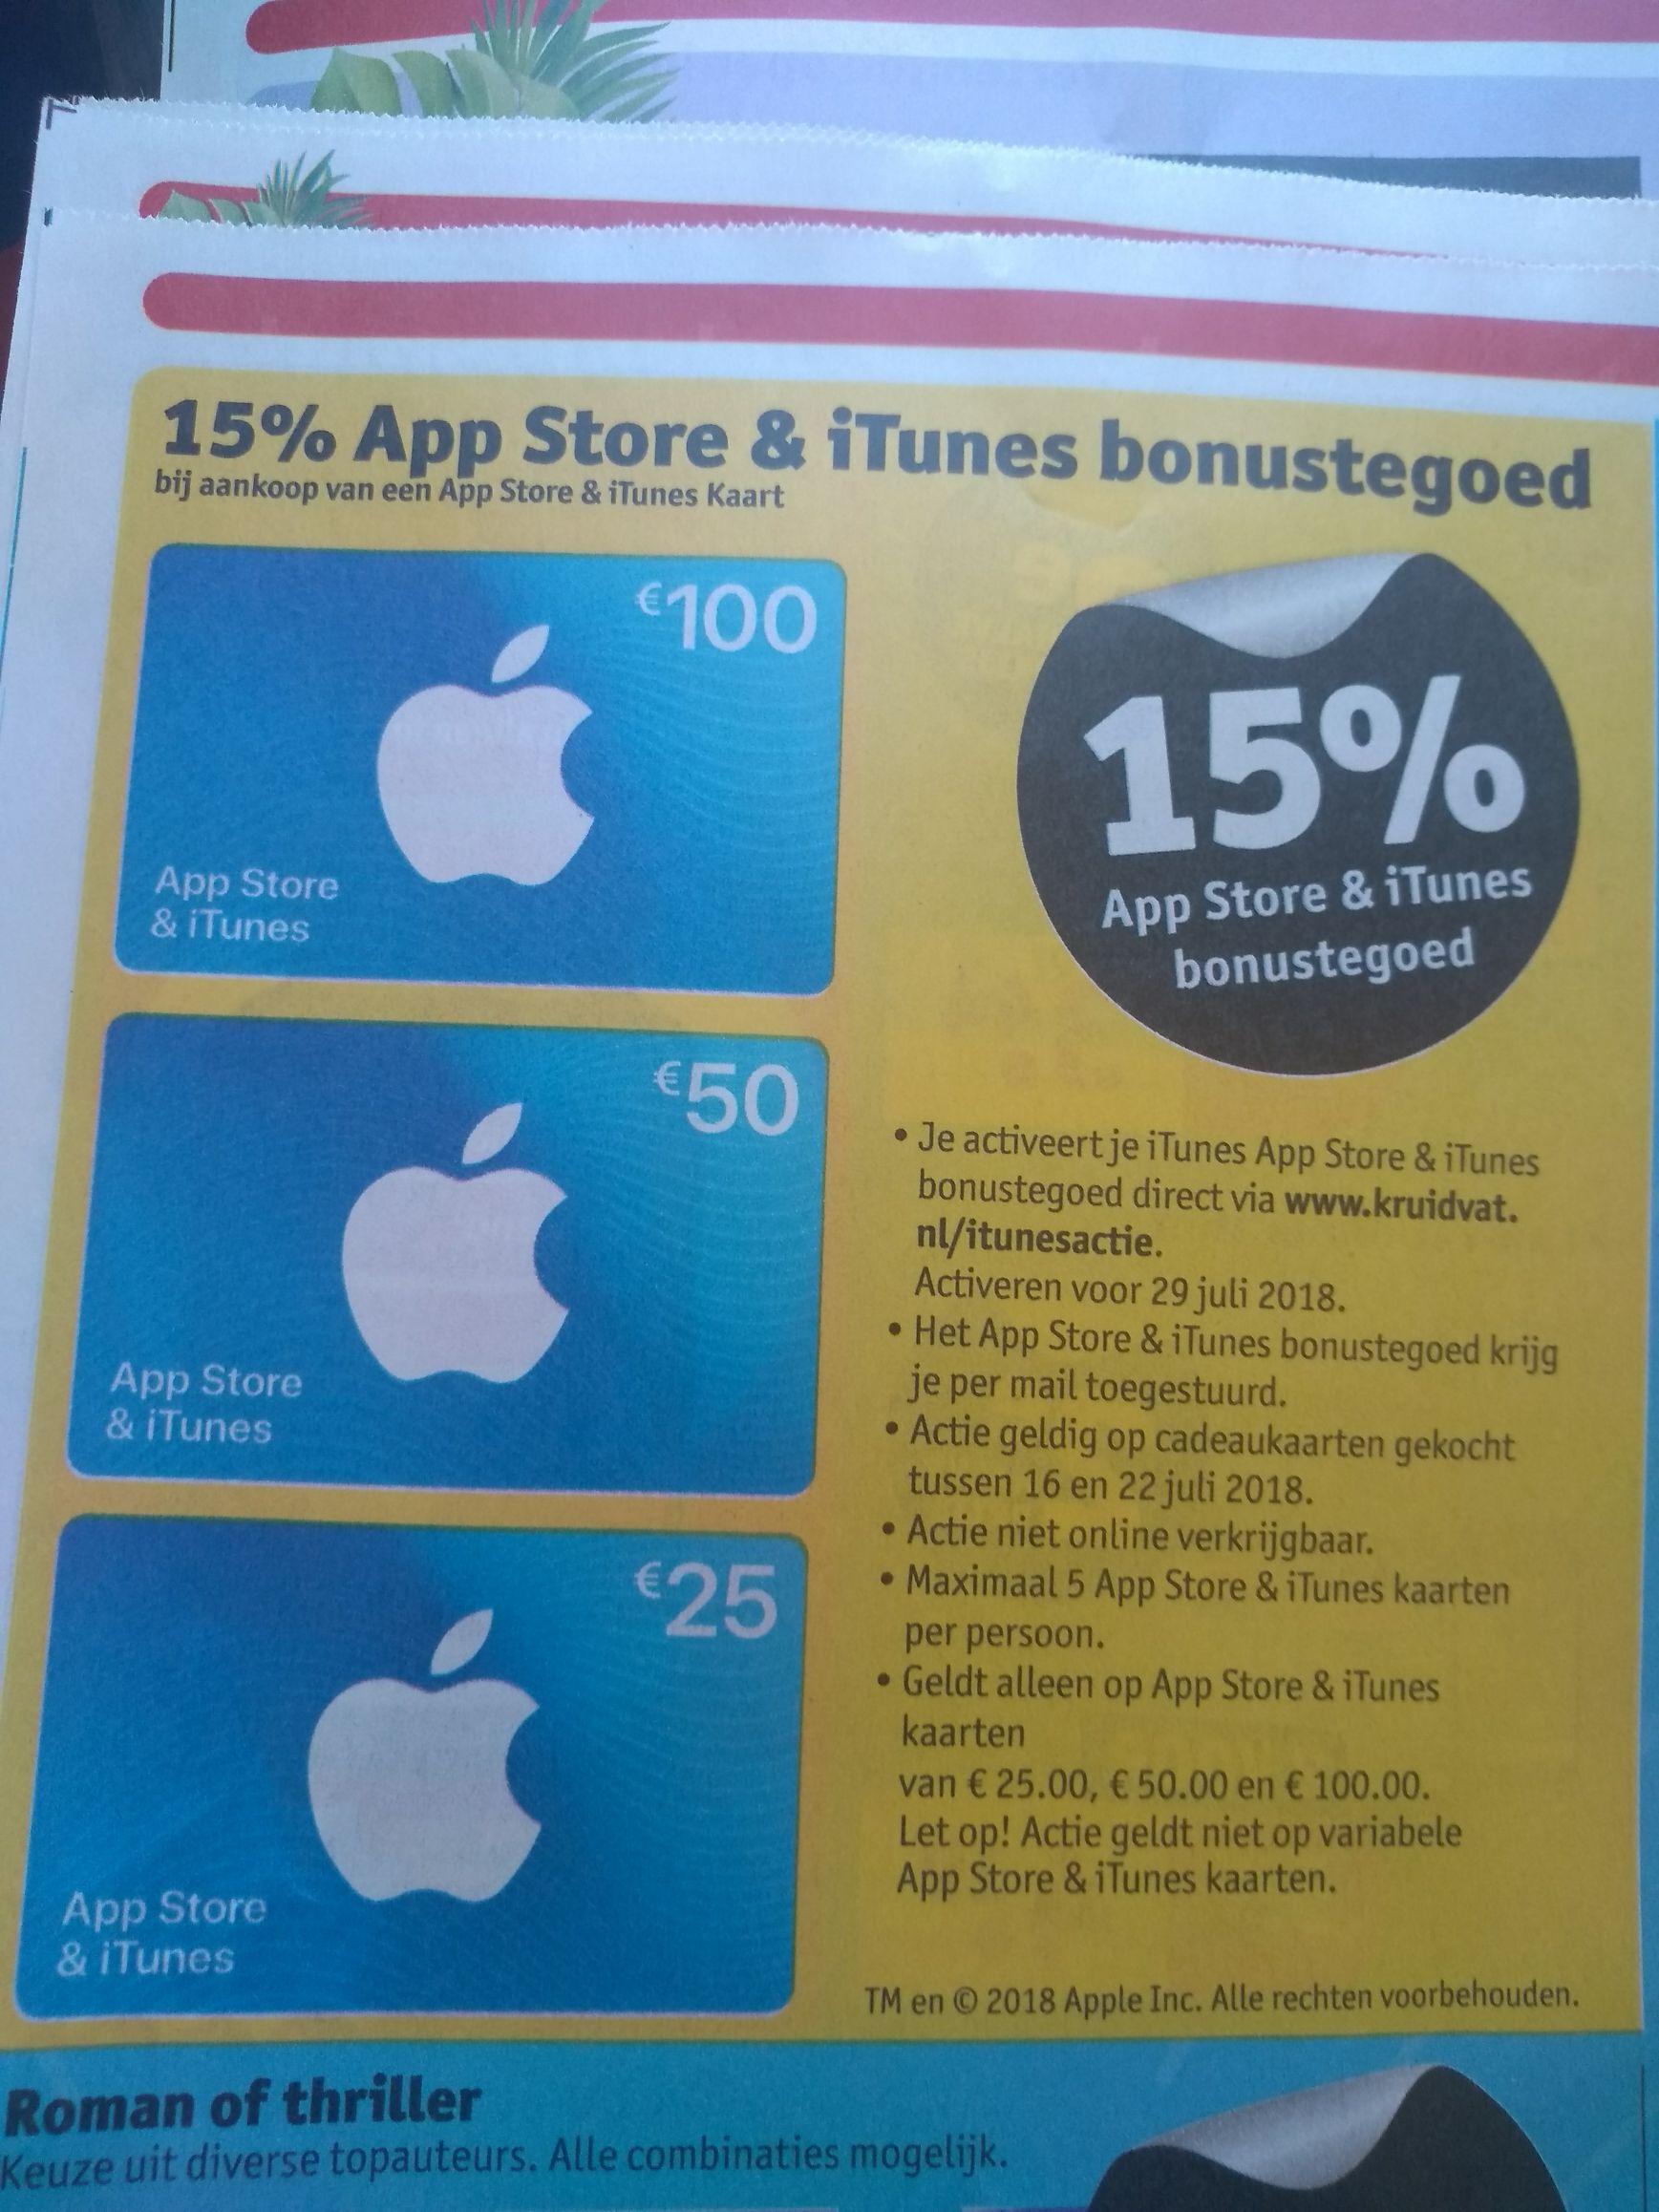 15% App Store & iTunes Bonustegoed @kruidvat